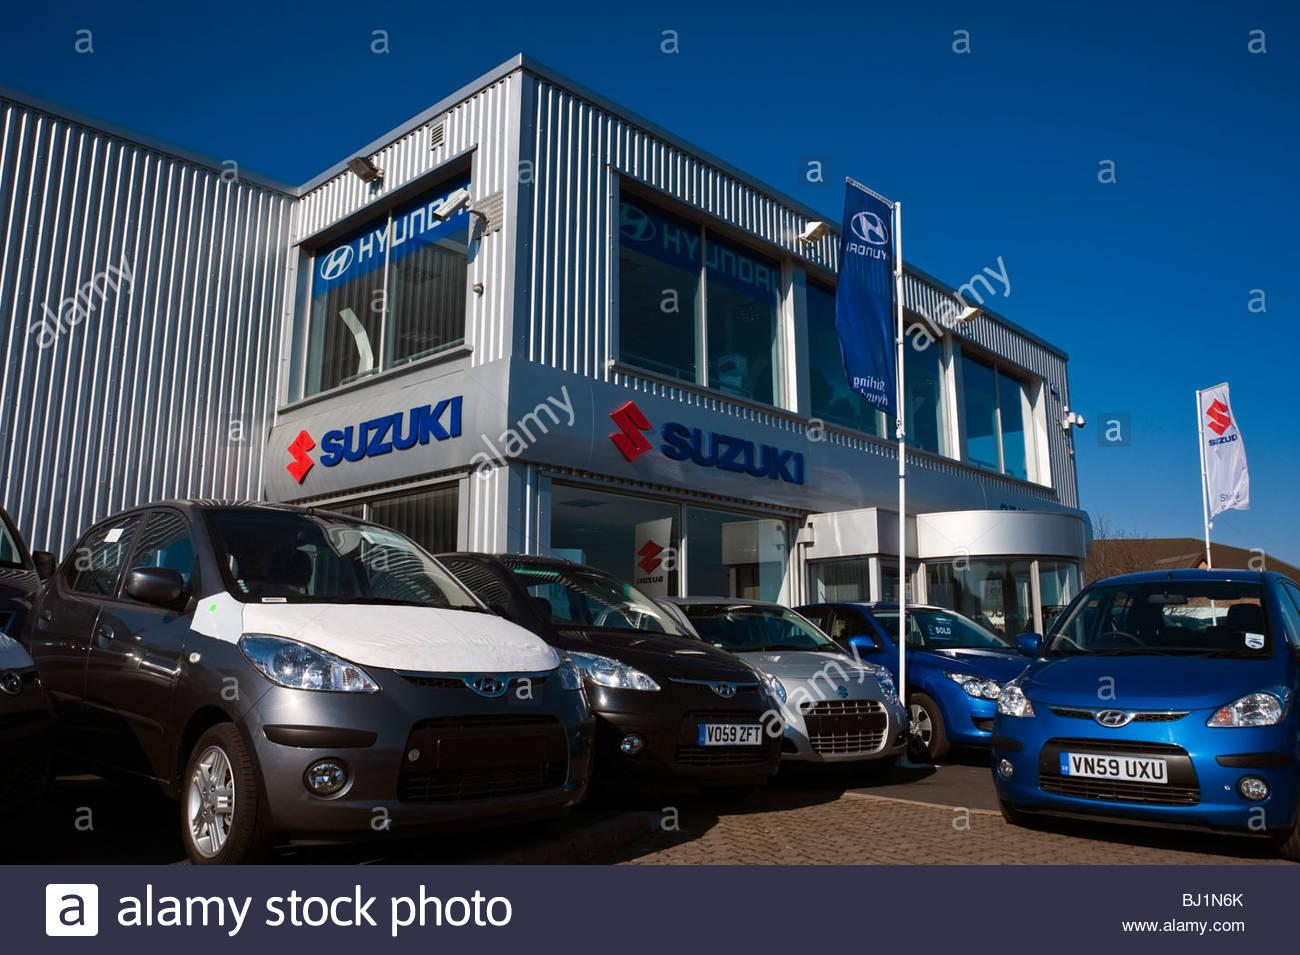 Autohaus Suzuki Autos bei Callow, in der Nähe von Hereford, Großbritannien zu verkaufen. Neuwagen auf Stockbild